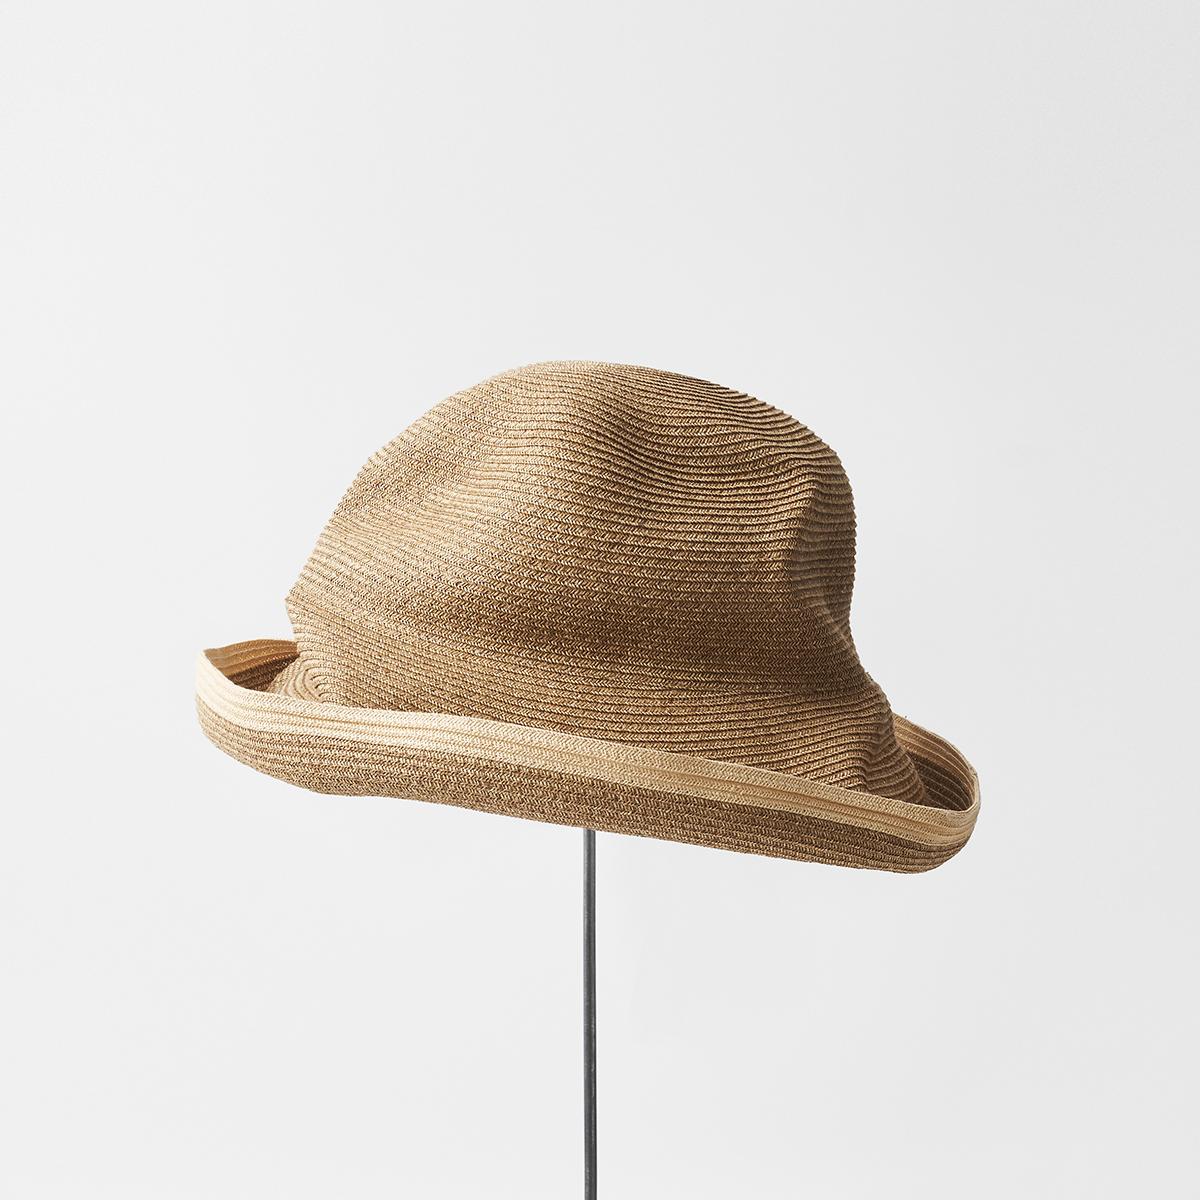 BOXED HAT 11cm brim switch color line edge